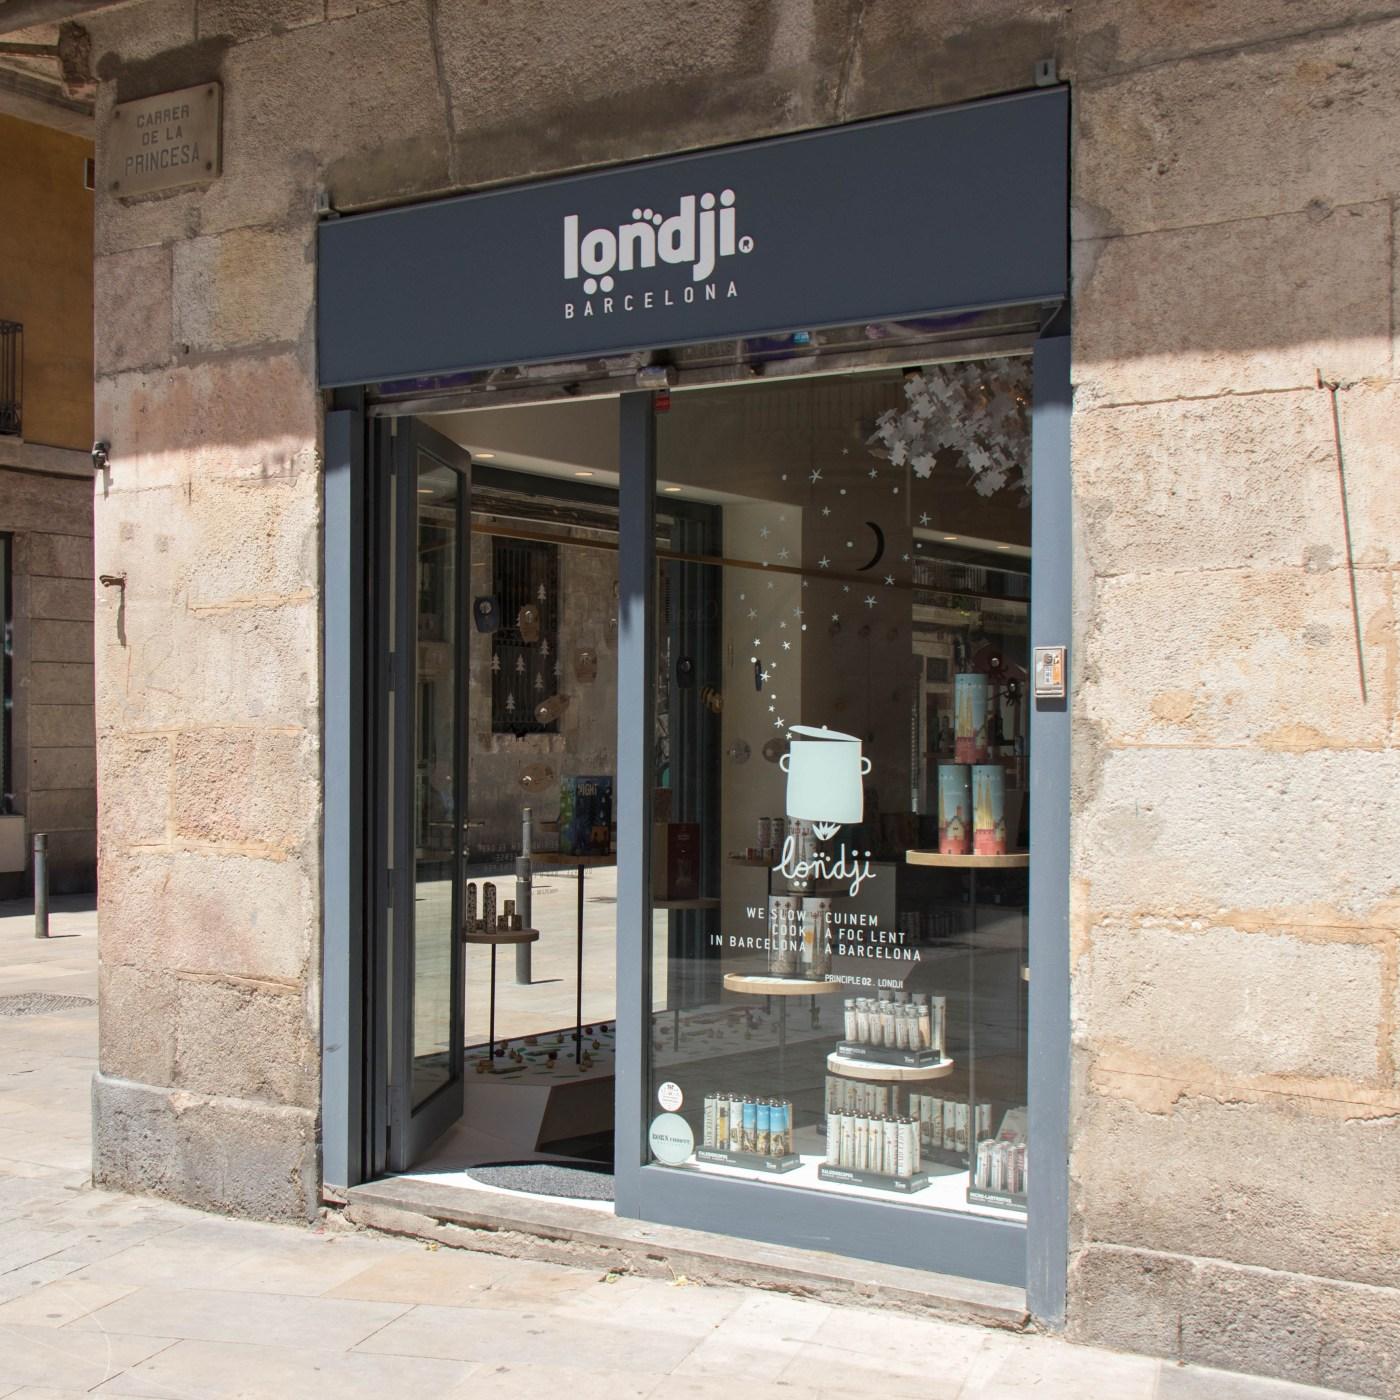 Tienda Londji Barcelona